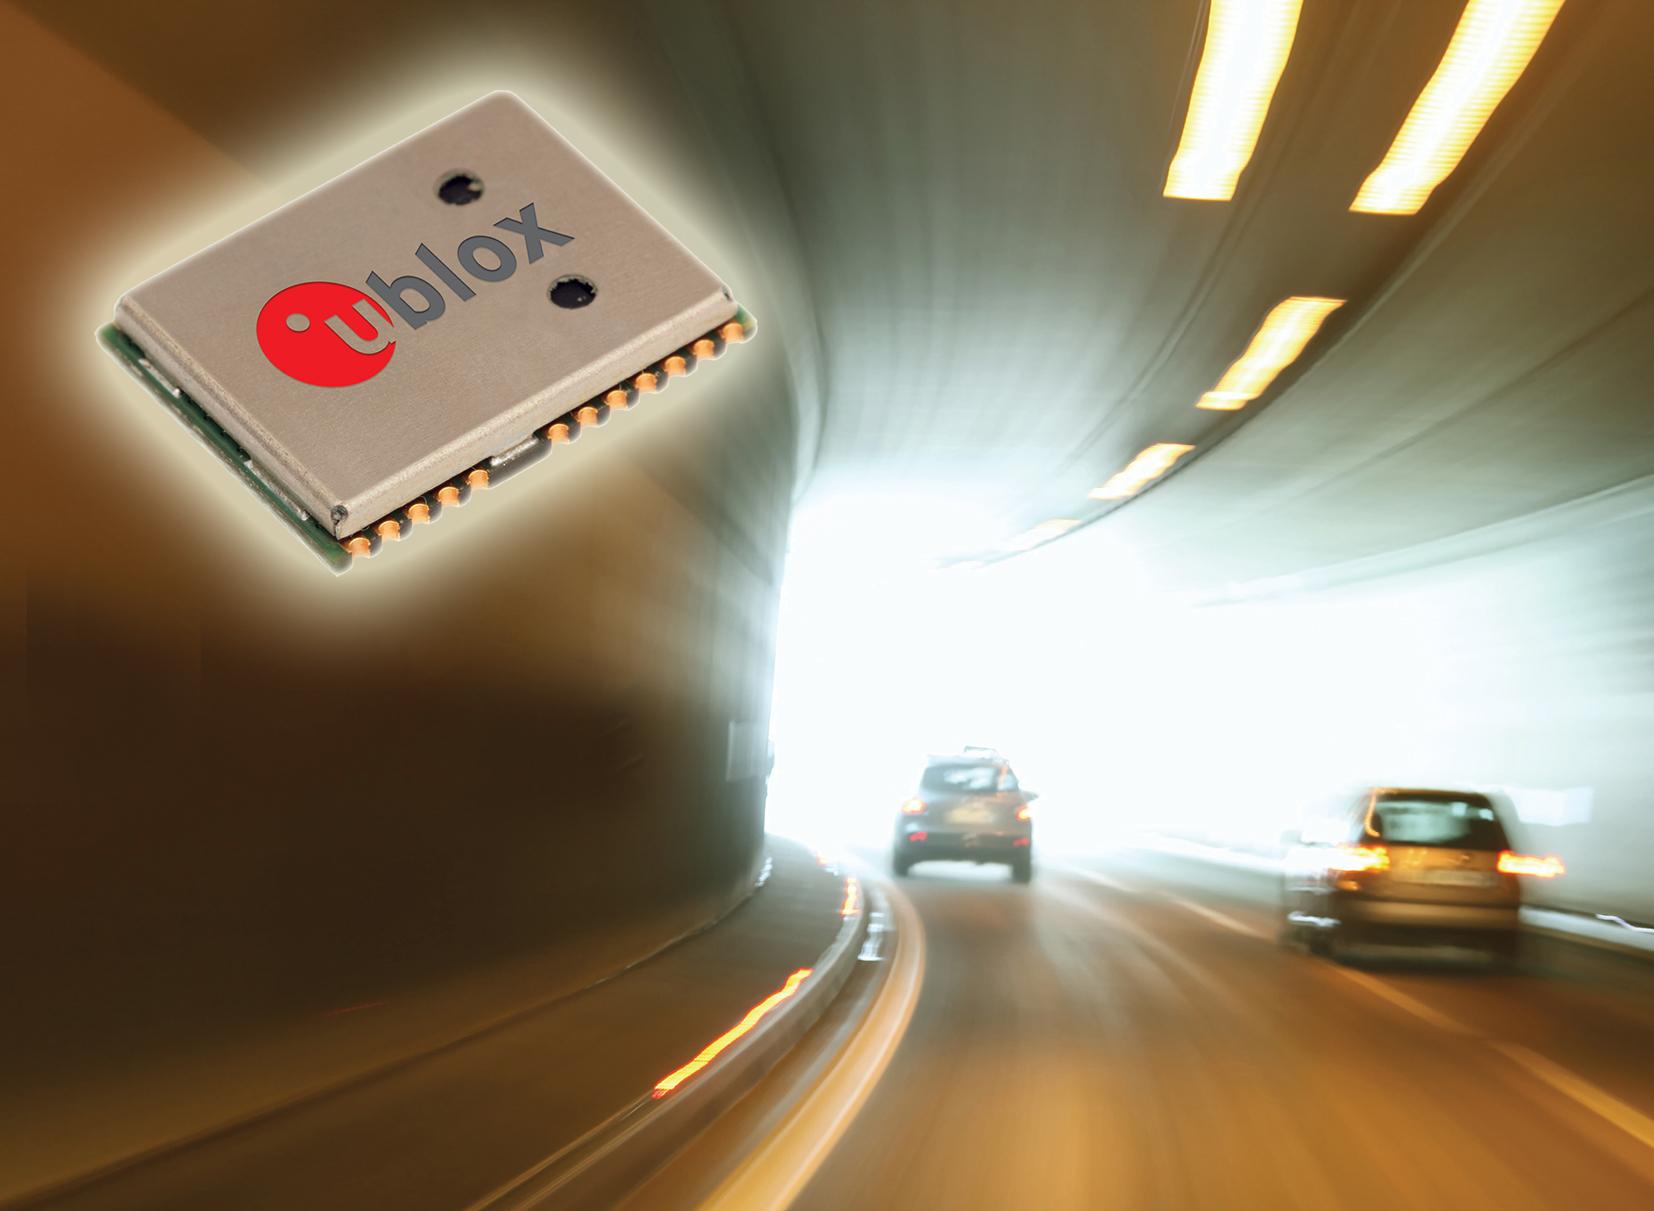 Tunnel car traffic motion blur.